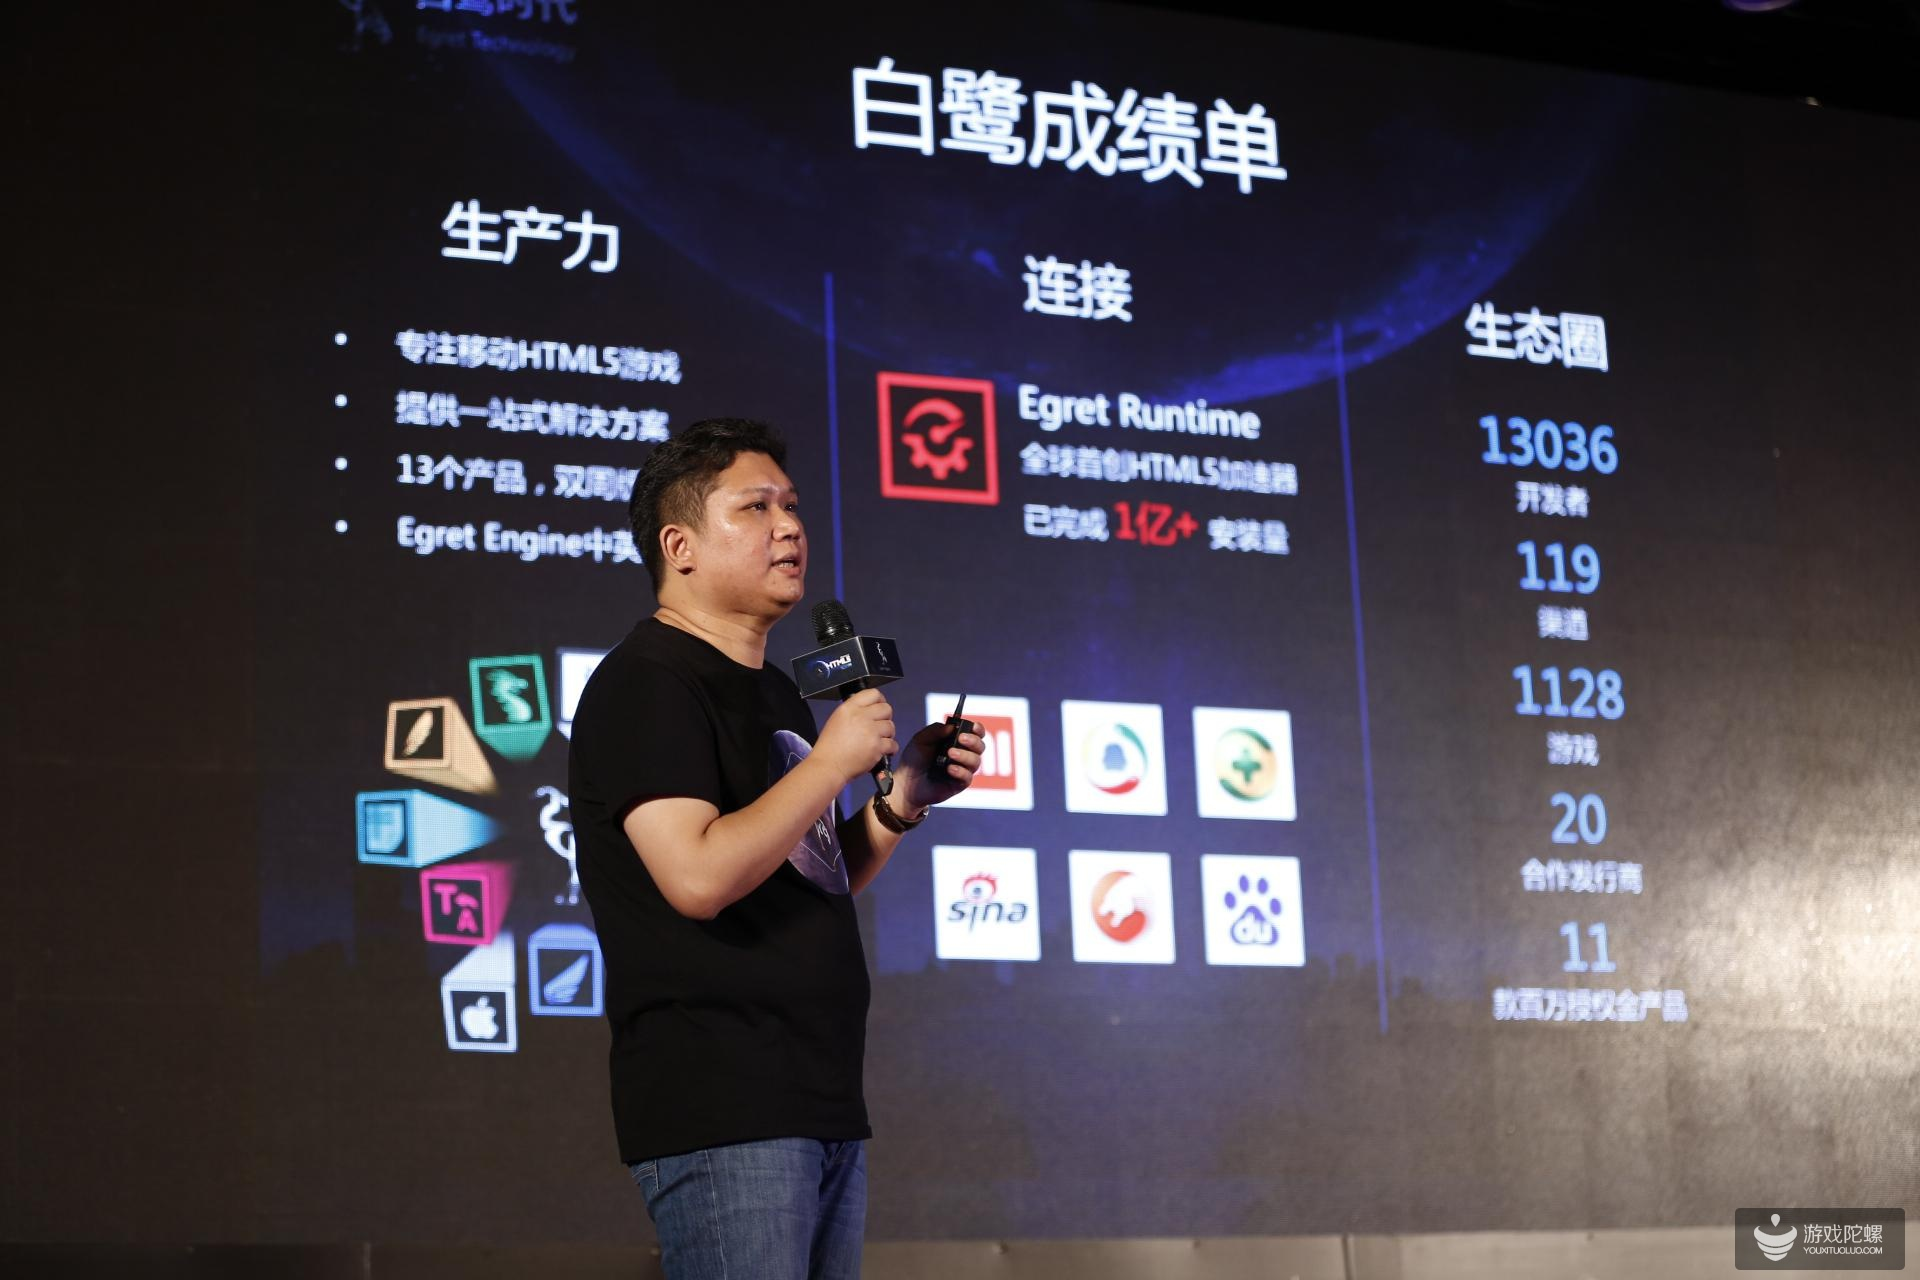 白鹭时代CEO陈书艺:月流水上千万的网游一定会在暑期出现